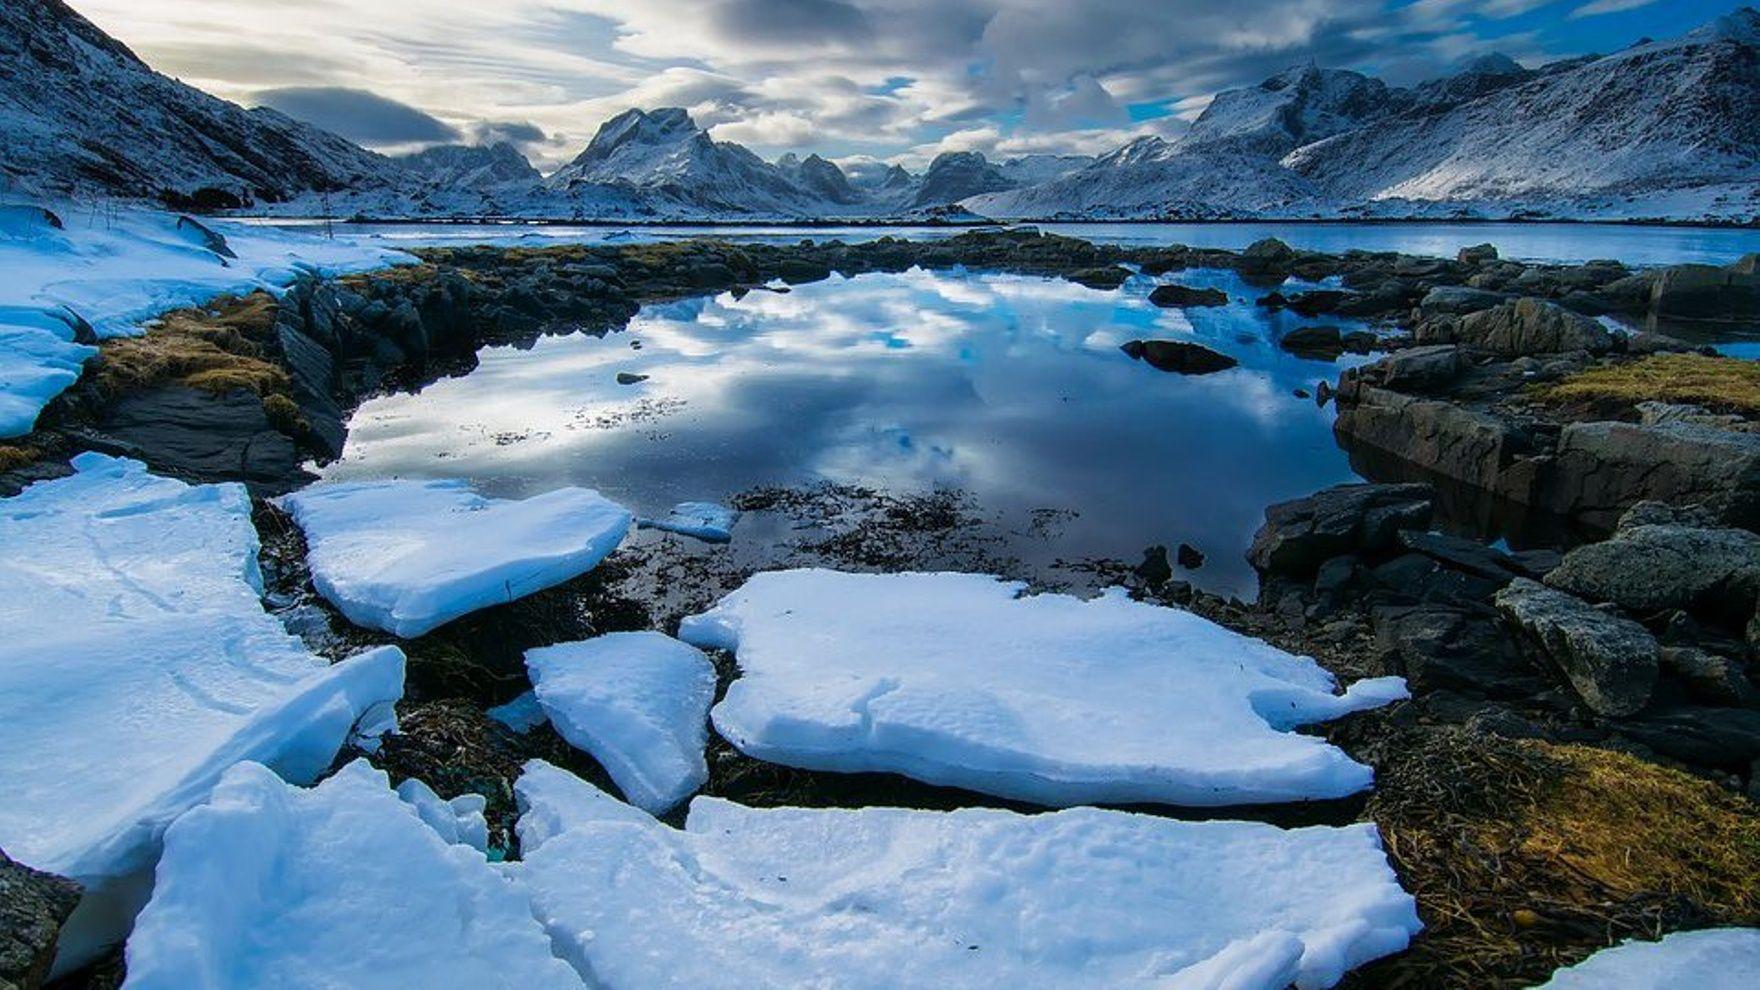 Яхтенная экспедиция в Норвегию по фьордам